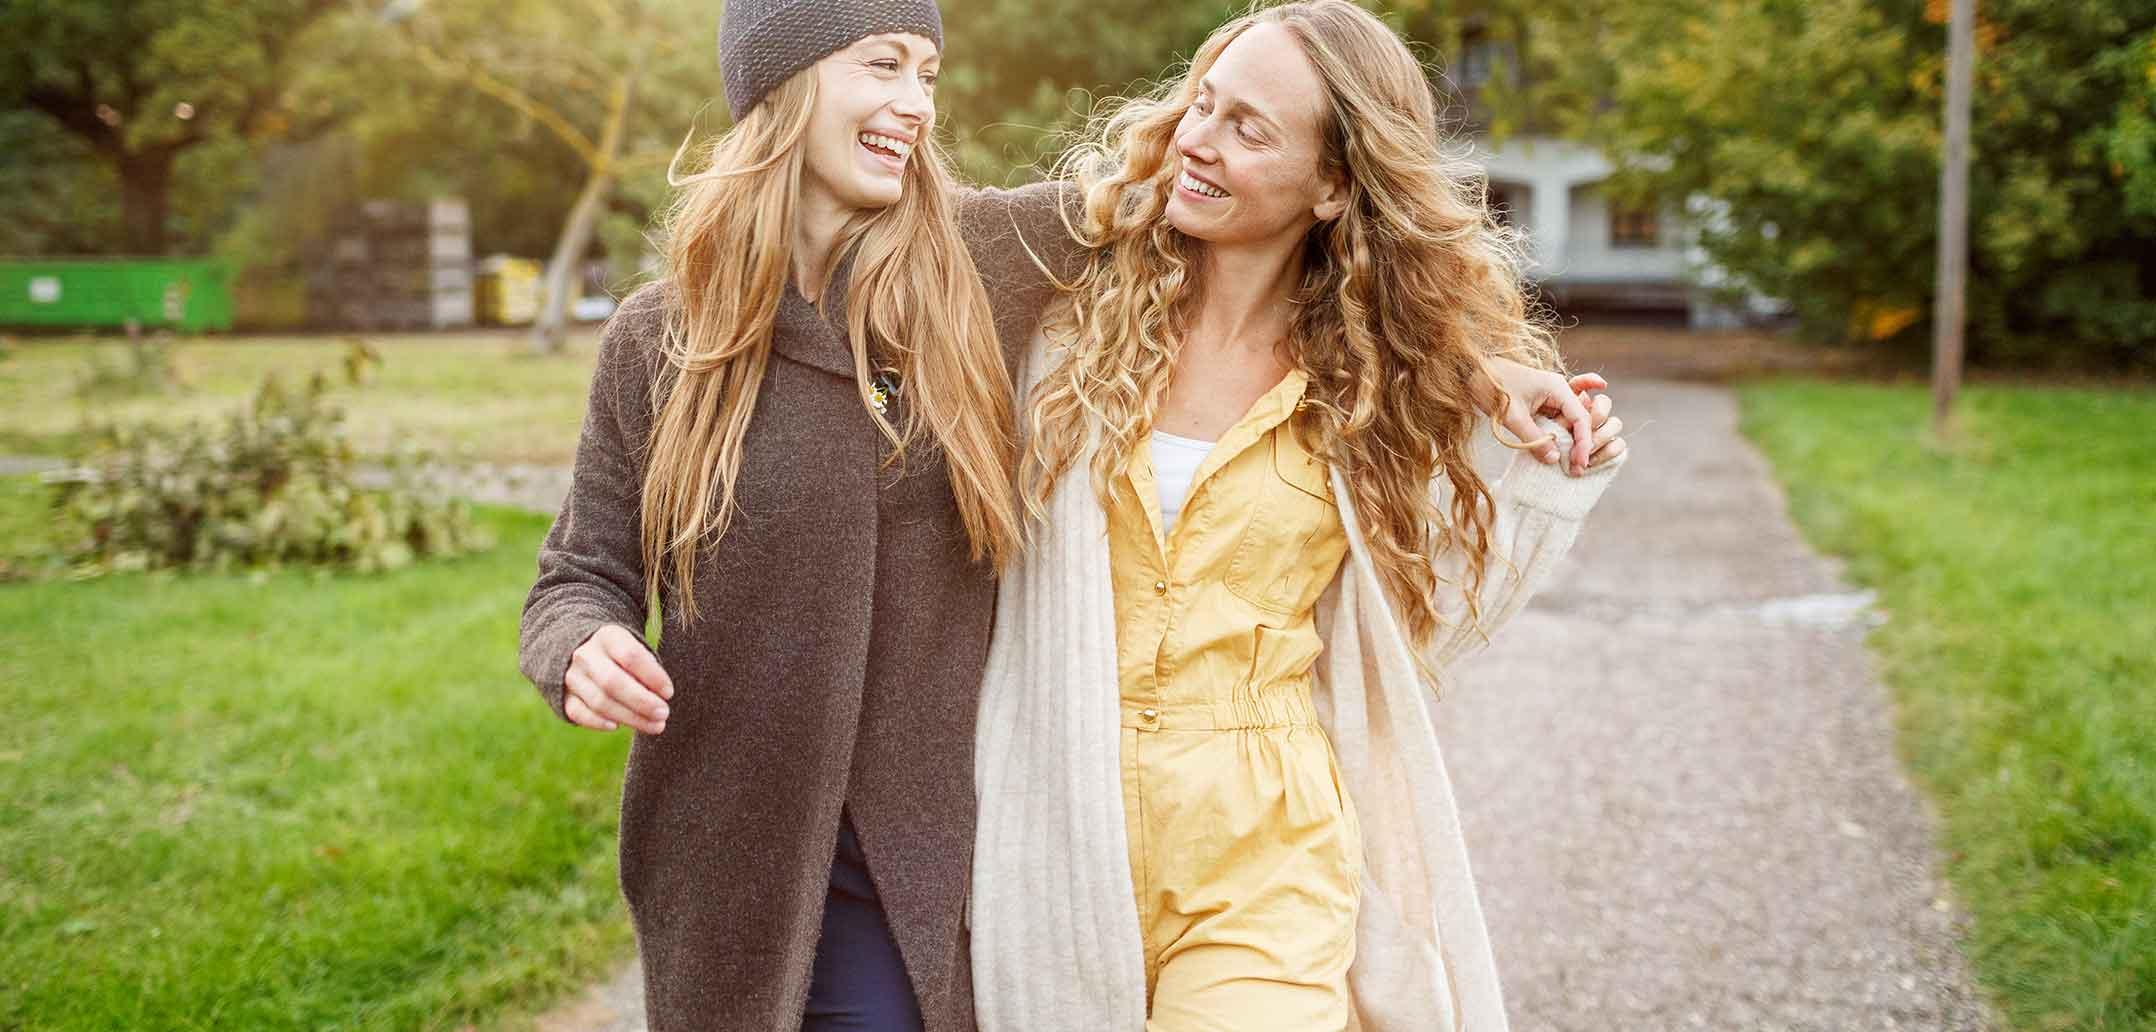 Witwer beziehung psychologie Beziehung mit